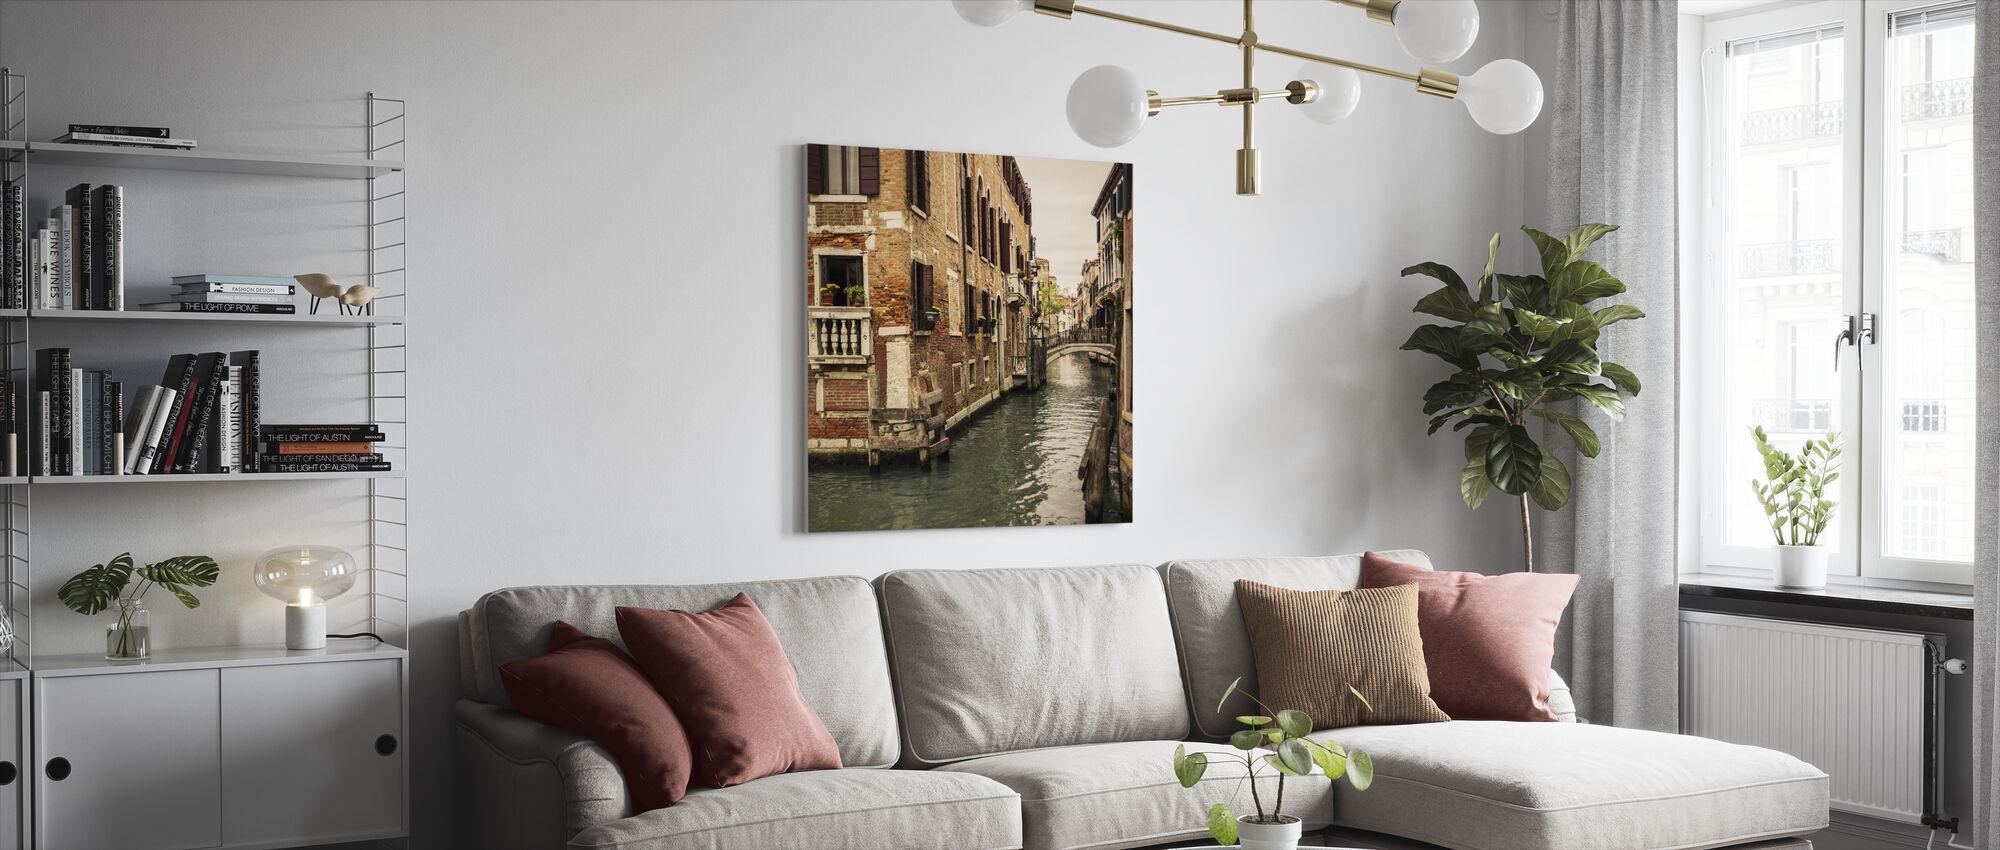 Tiilet ja sillat Venetsiassa - Canvastaulu - Olohuone